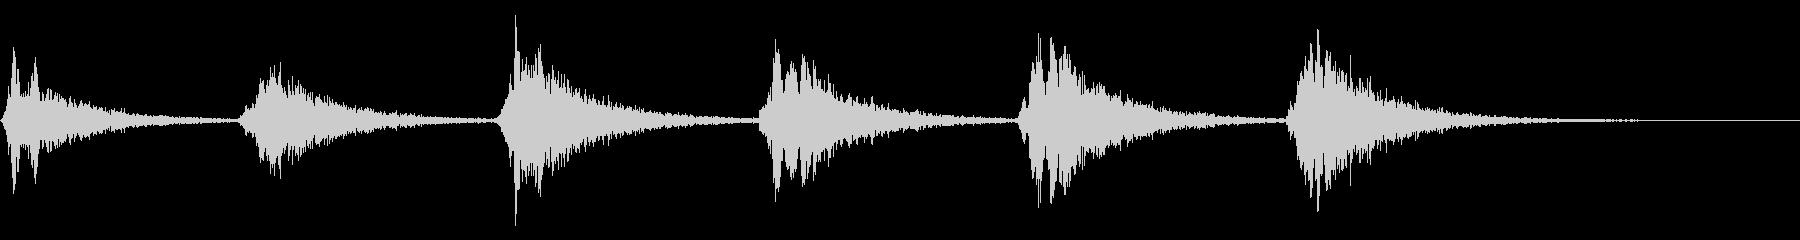 上方掃引の叫び:ホーンテッドジャン...の未再生の波形